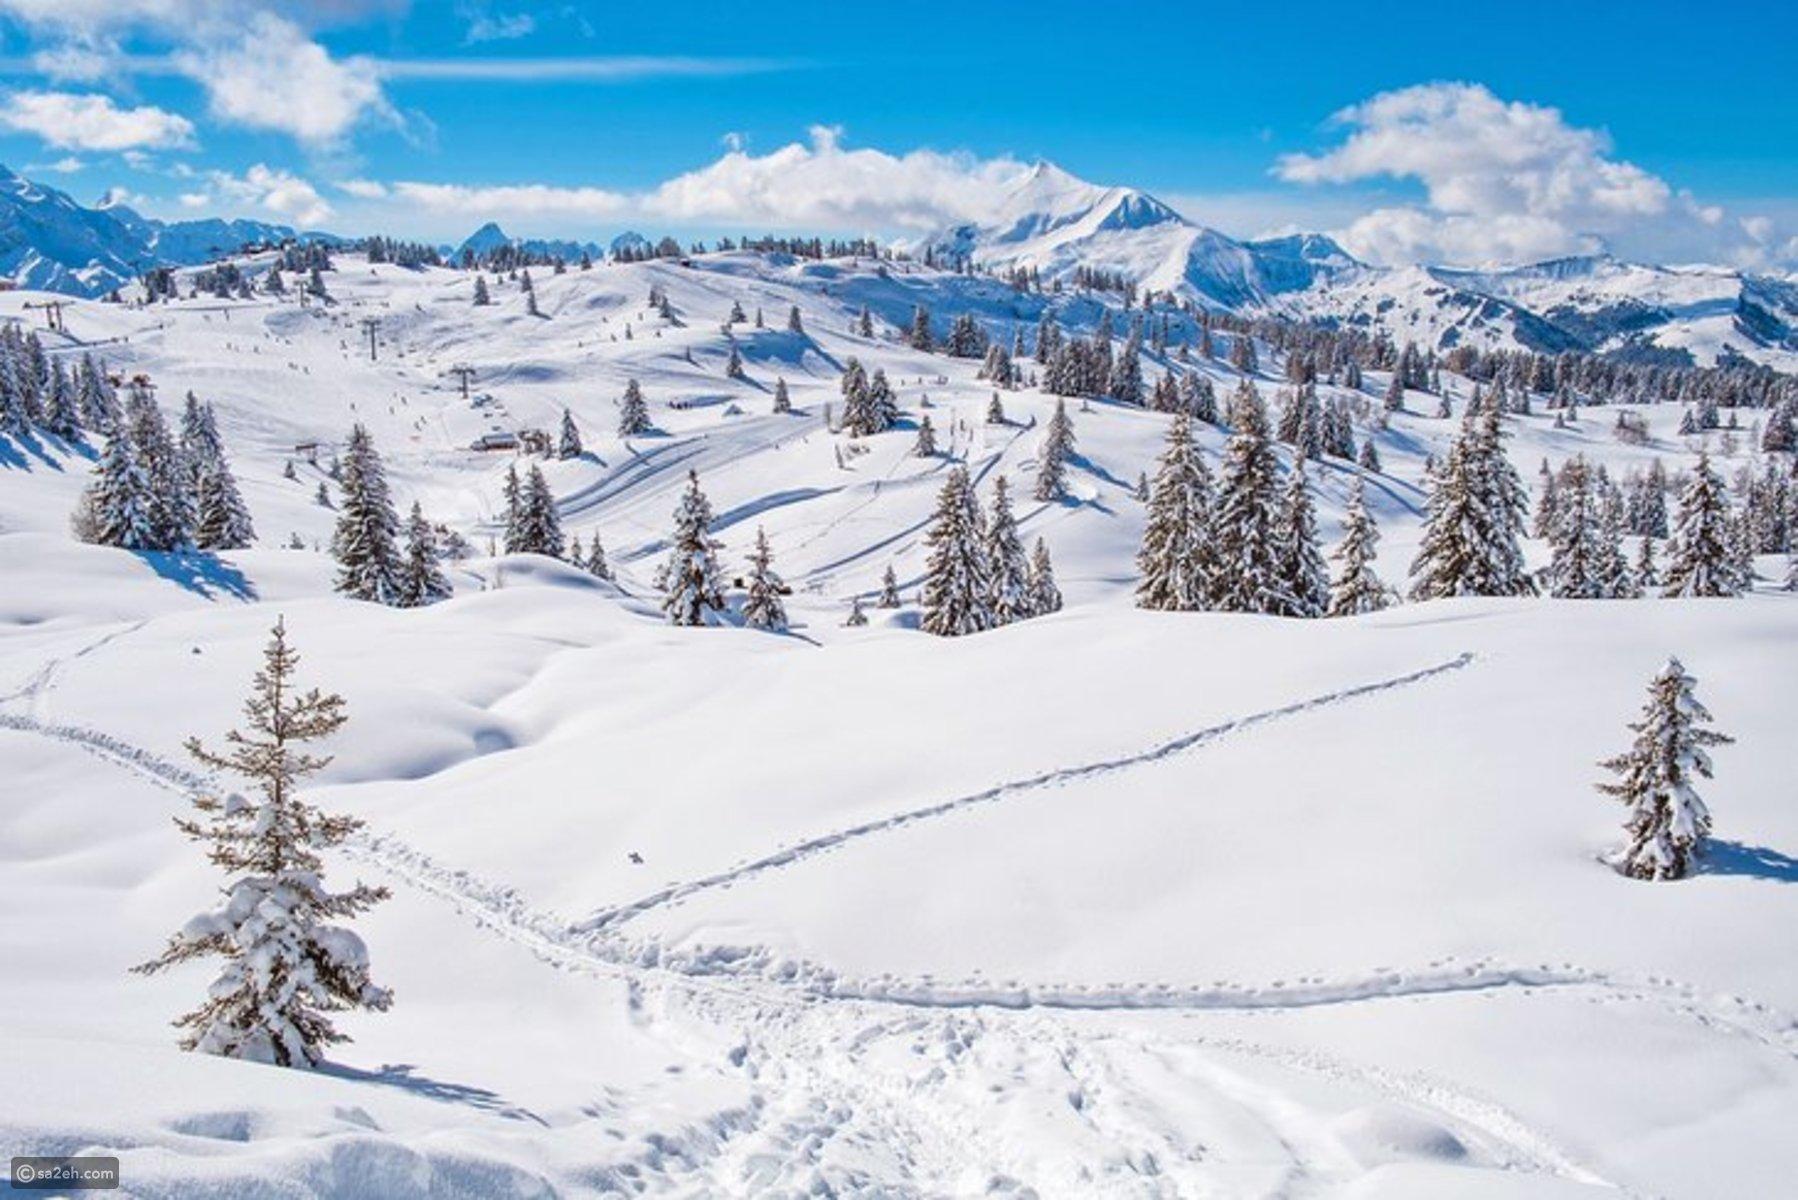 السياحة في شامونيه فرنسا: أفضل وجهة سياحية للتزلج  ..  صور